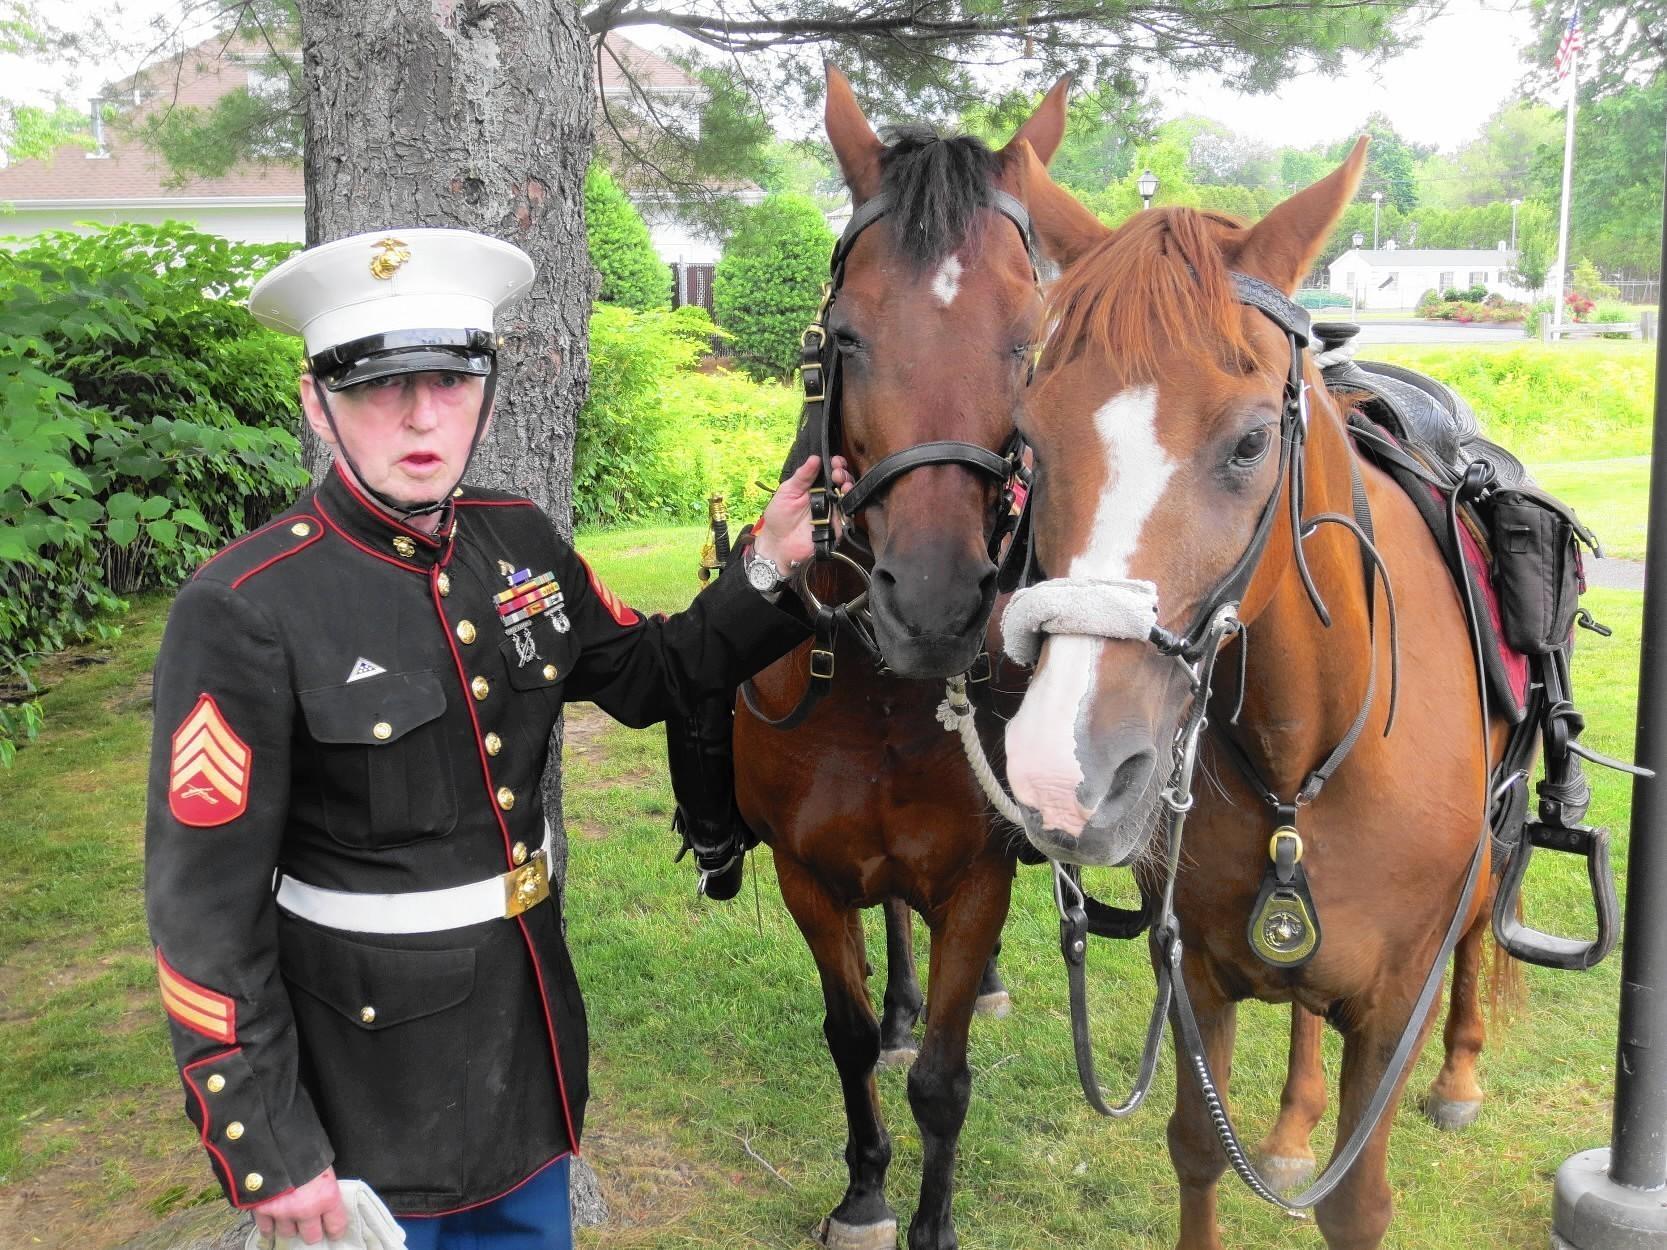 Horse tack giveaways 2018 dodge